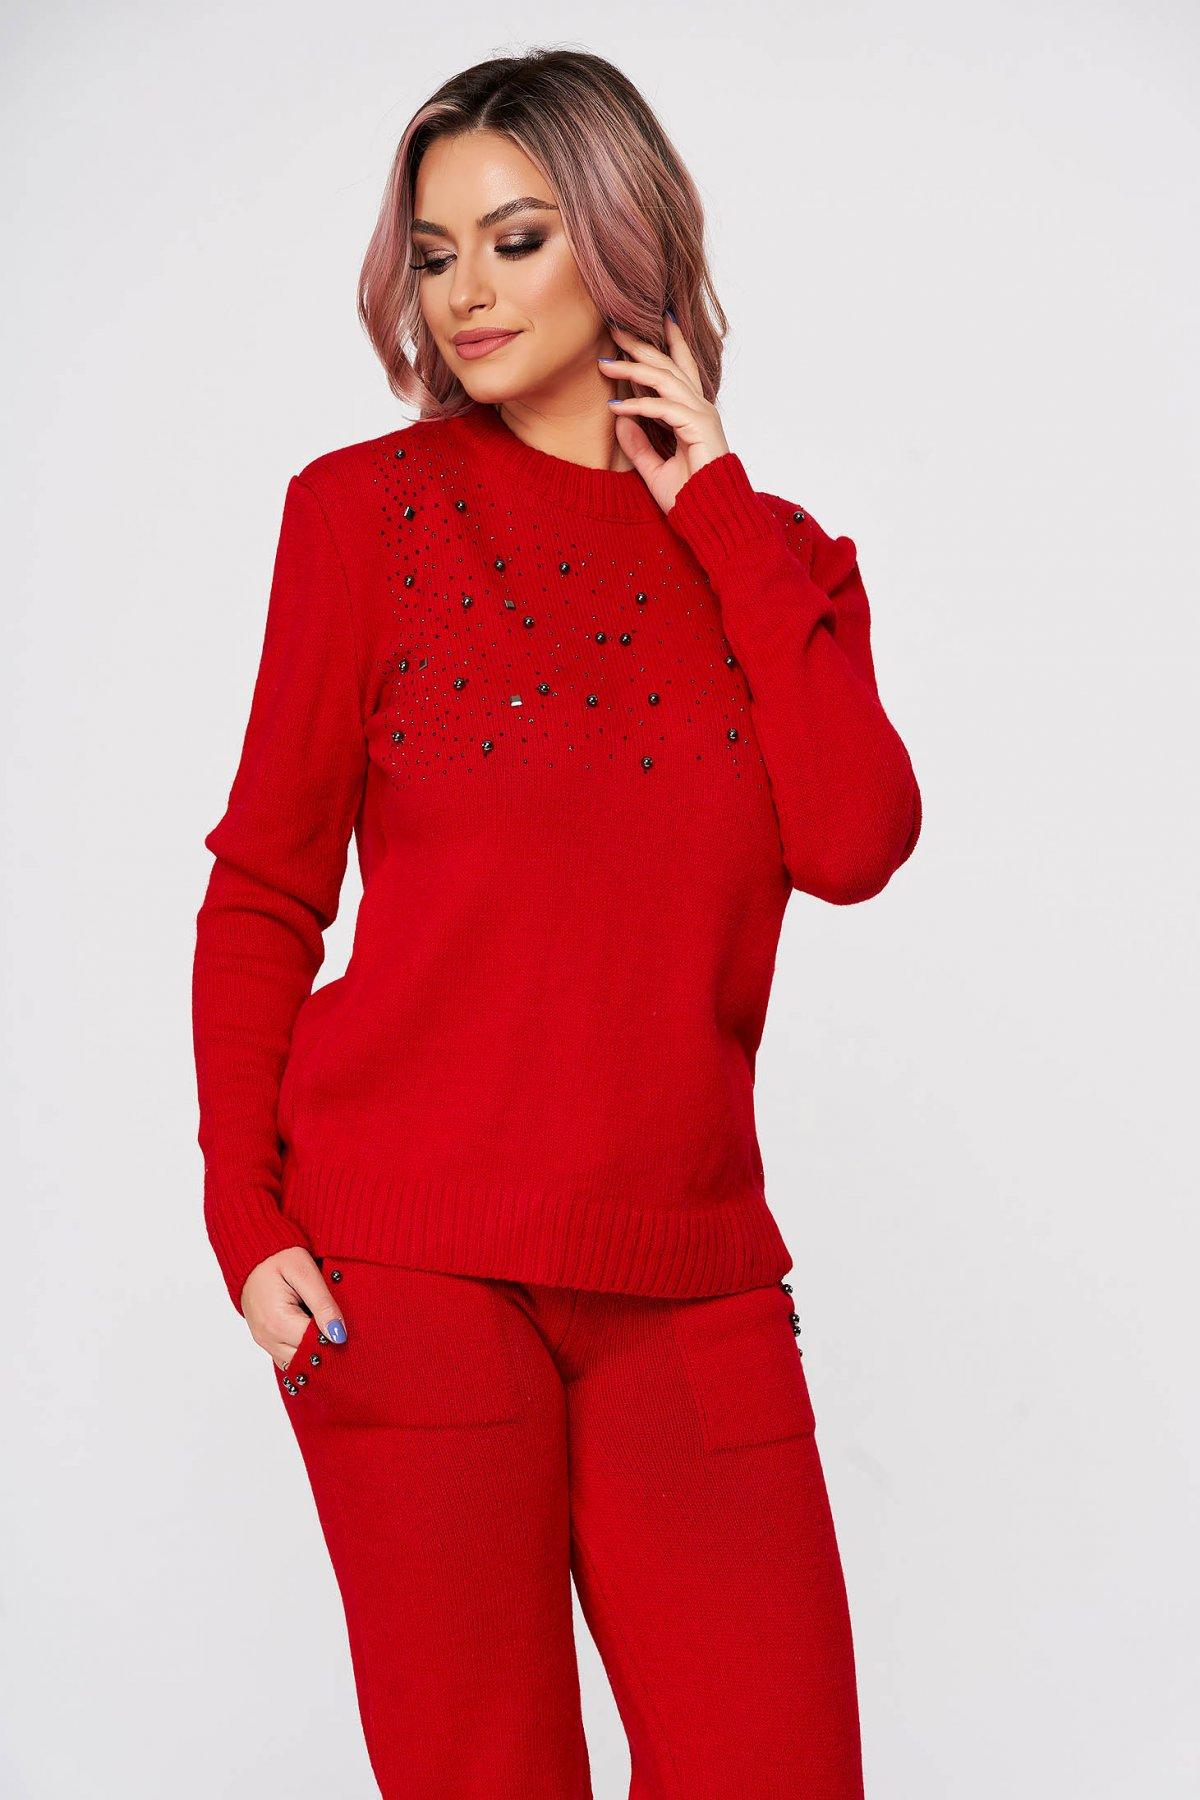 Trening Dama Sunshine Rosu Tricotate Din 2 Piese Cu Talie Medie Si Aplicatii Cu Perle